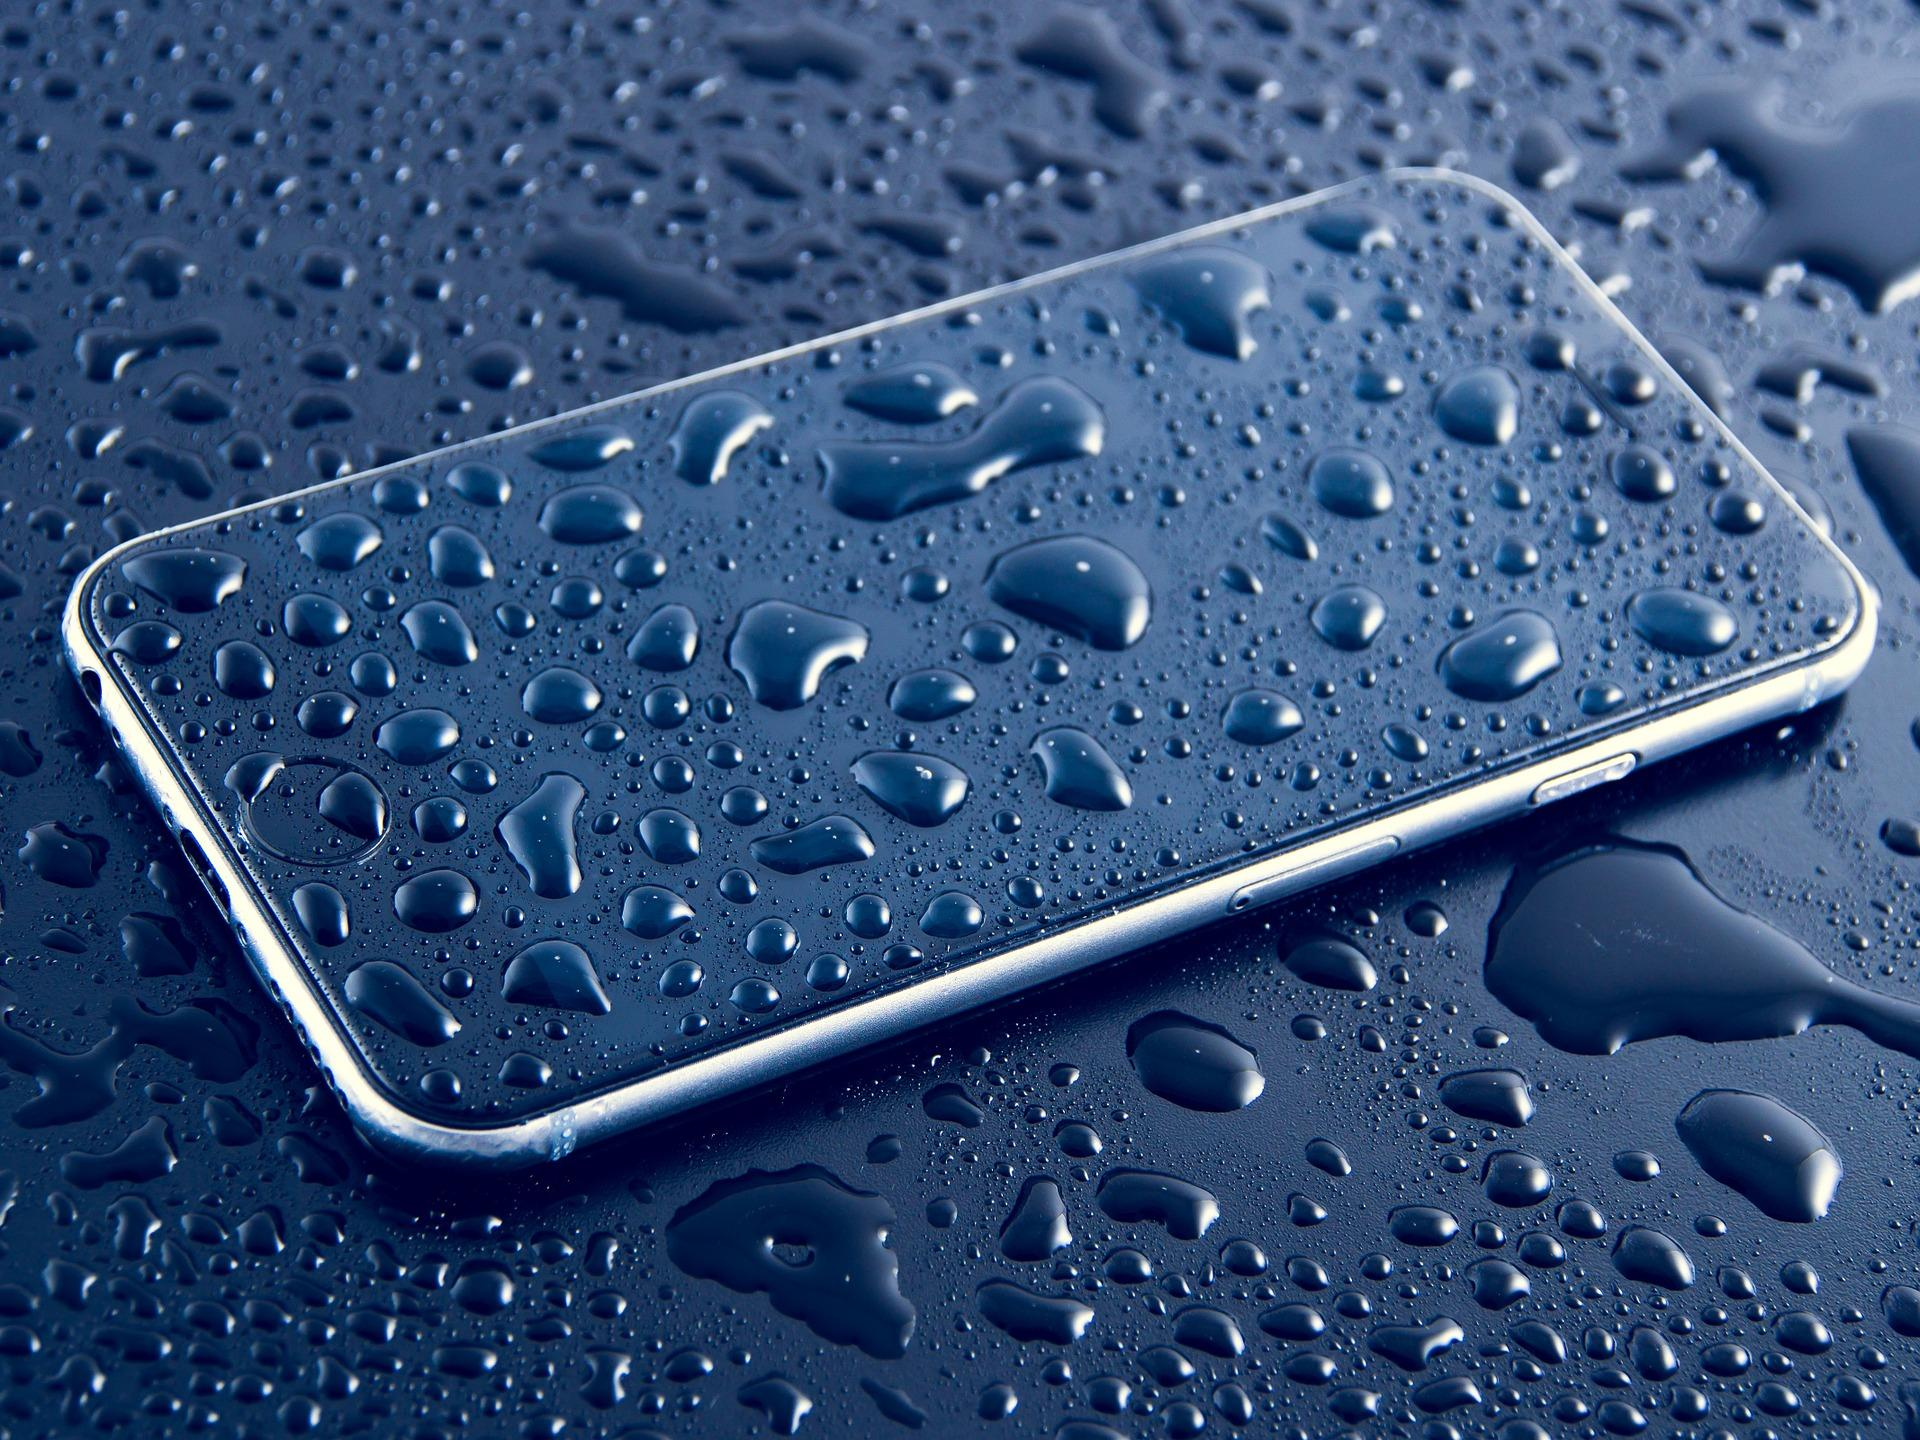 Появилось приложение для проверки влагозащищённости смартфона